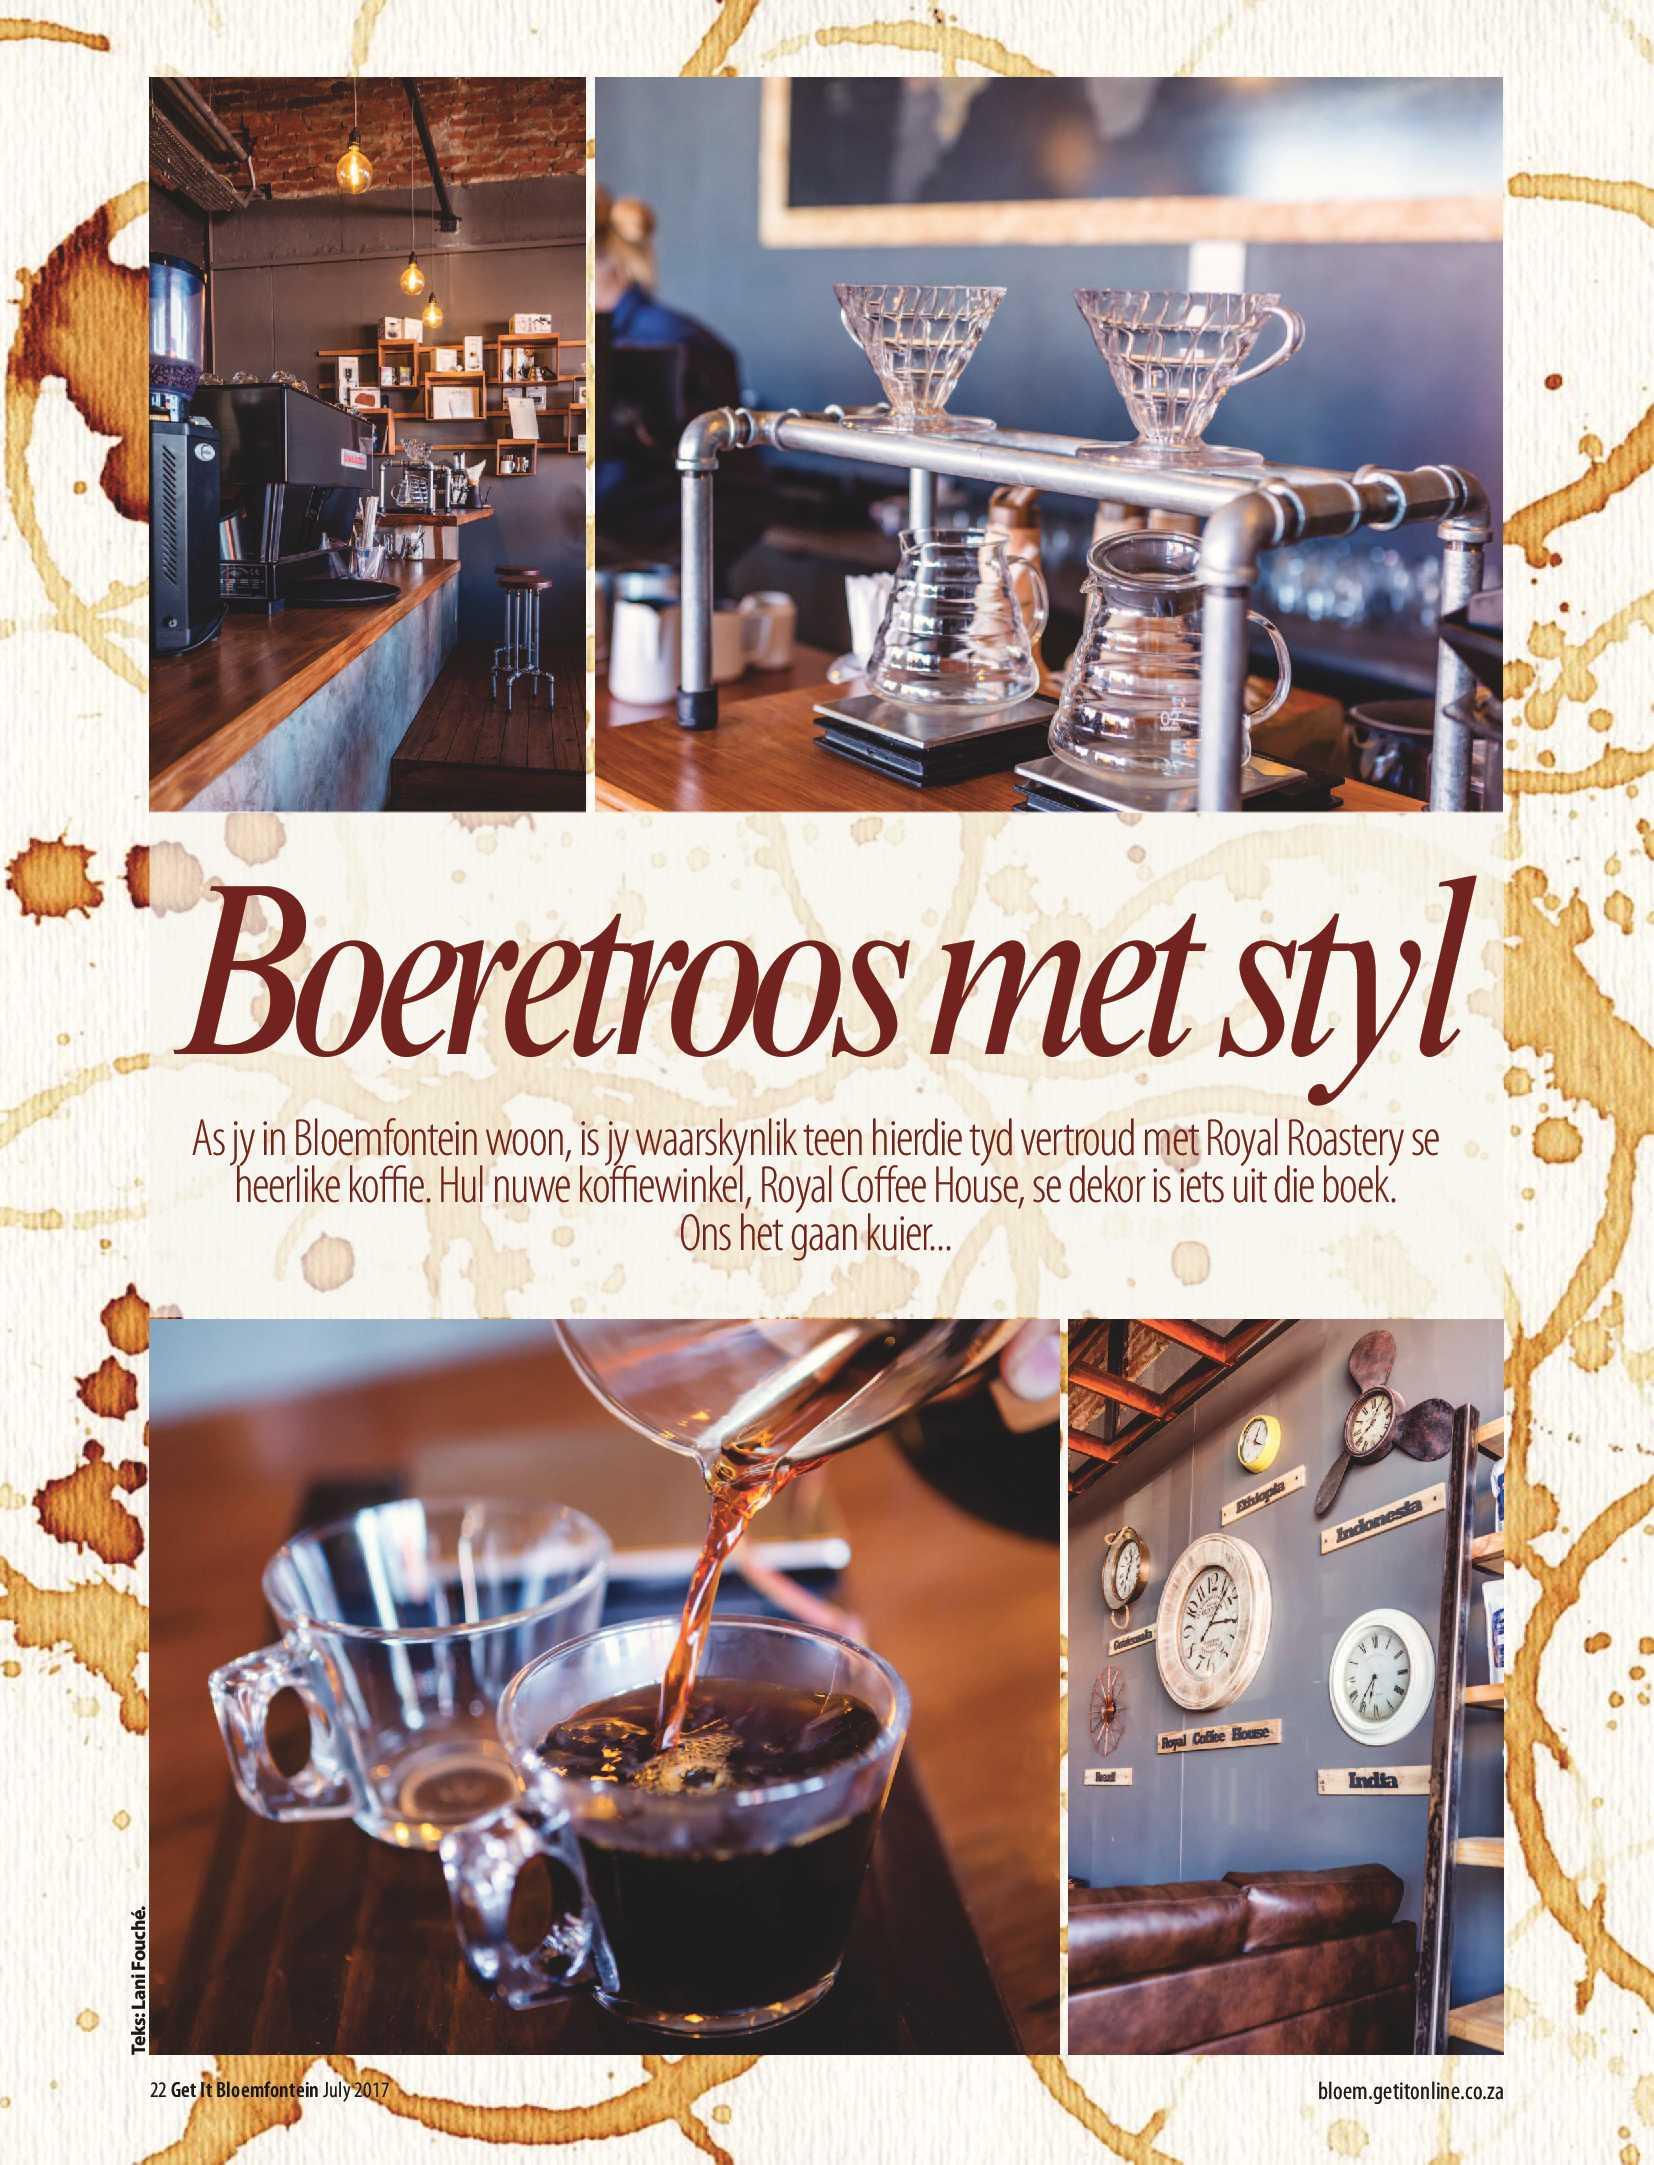 get-bloemfontein-july-2017-epapers-page-24